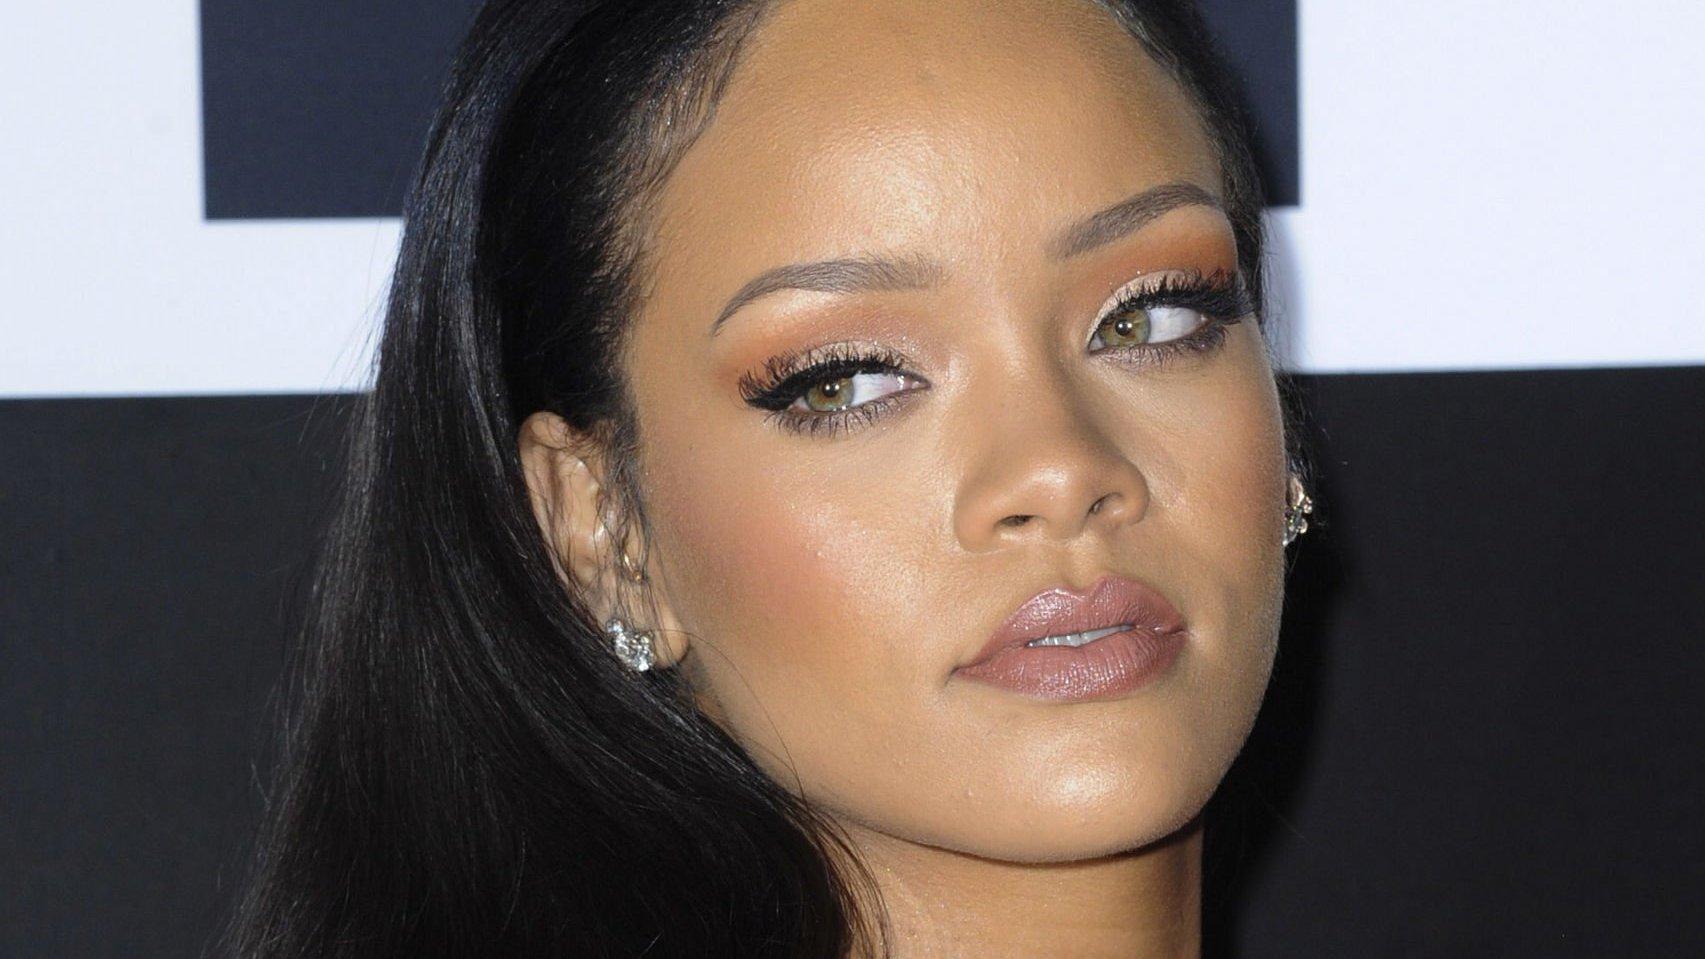 Cantora Rihanna com expressão determinada.